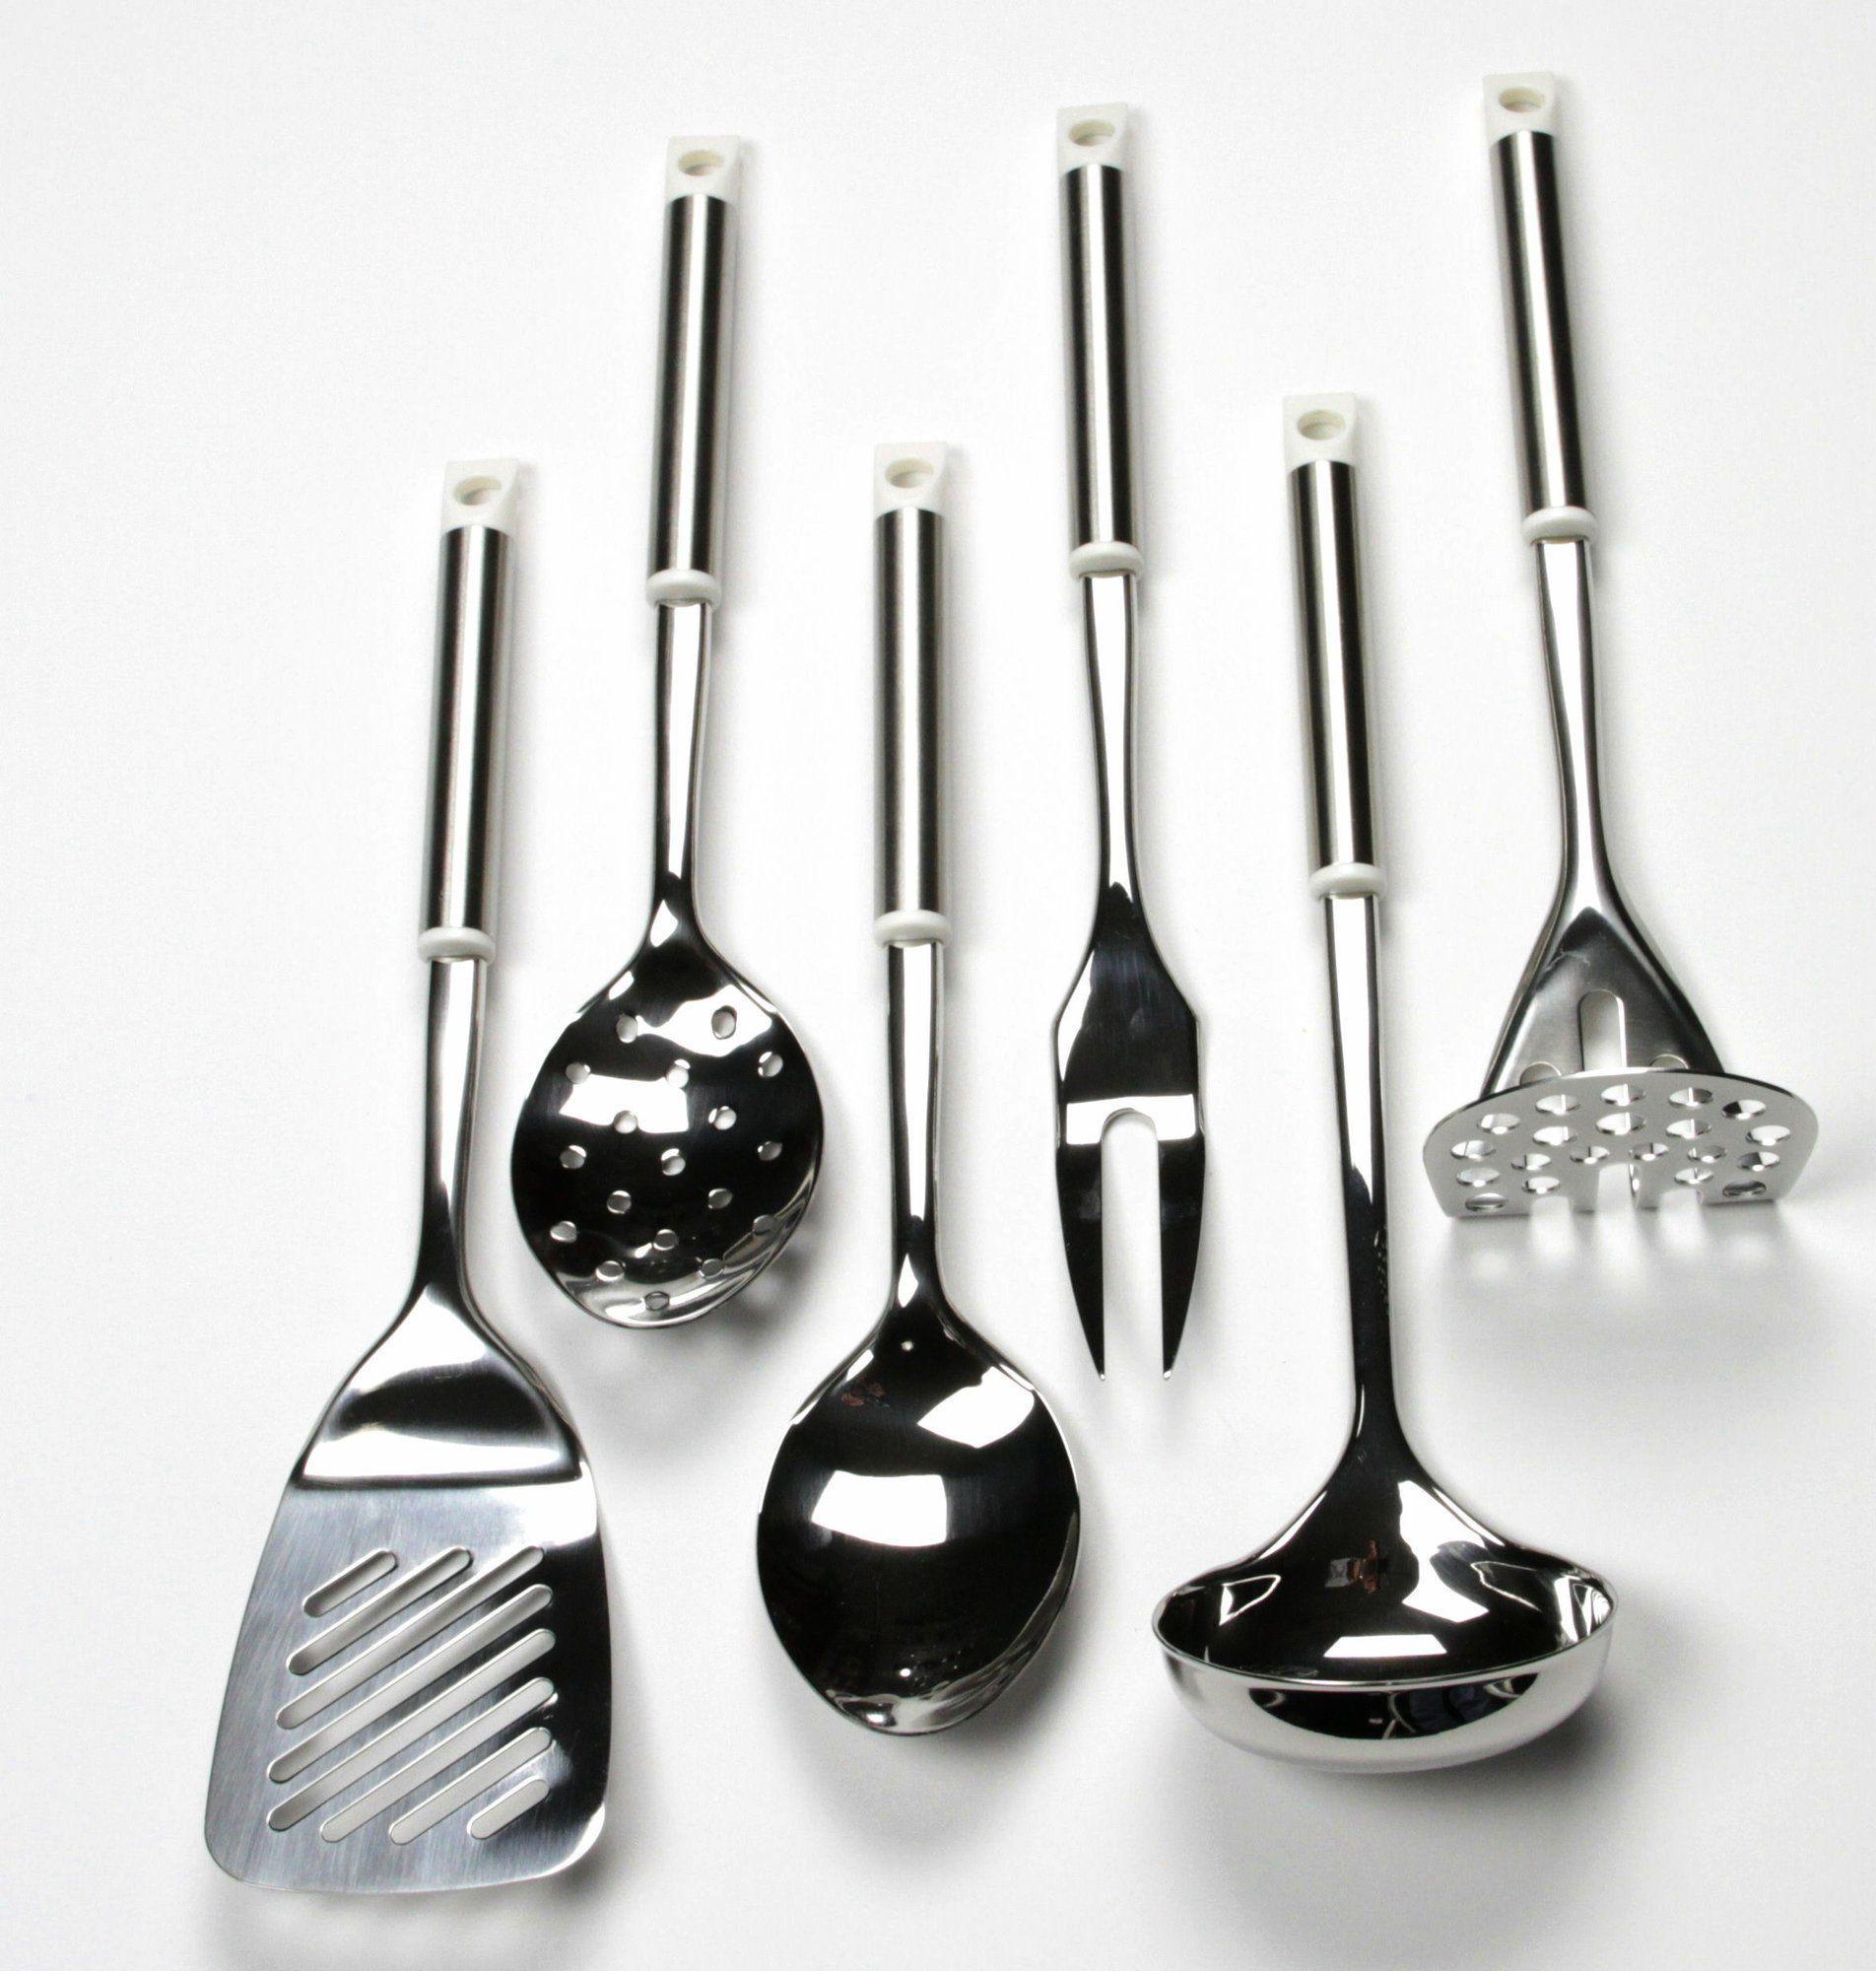 6 piece stainless steel kitchen utensil set kitchen